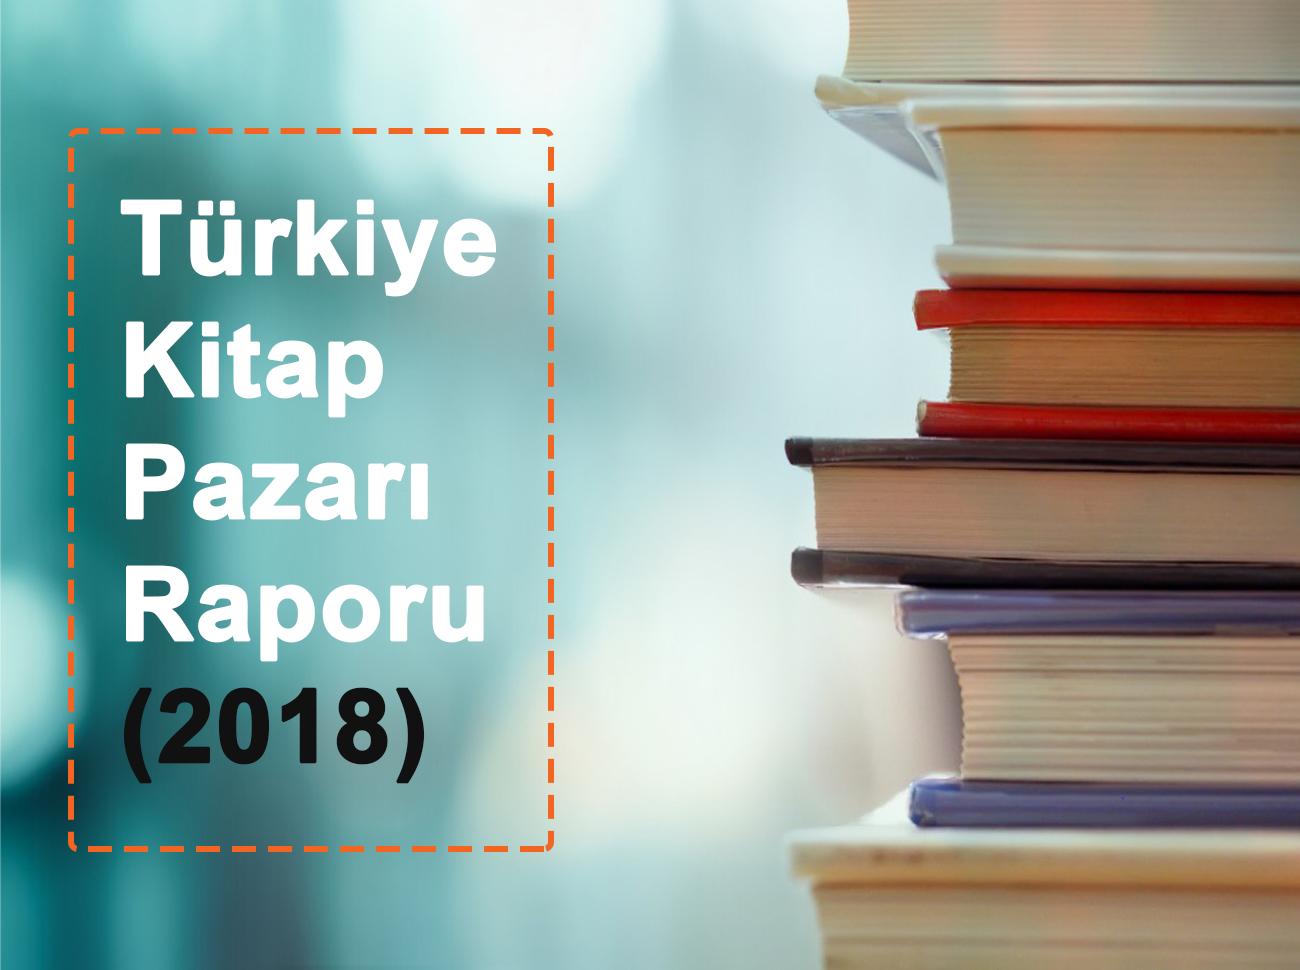 Türkiye Kitap Pazarı Raporu (2018)